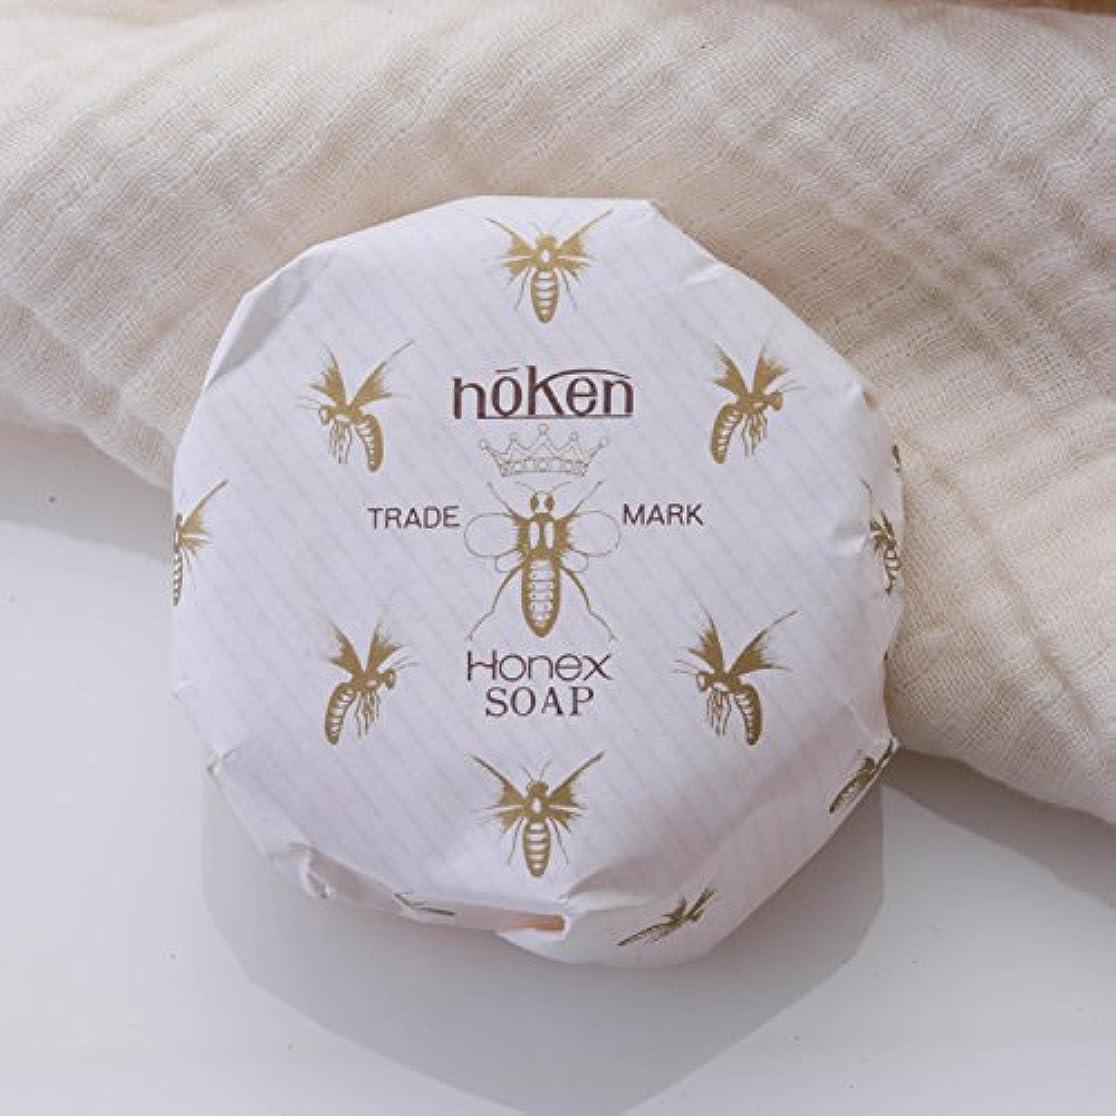 シットコムソース伝導HOKEN/HONEYX ソープ 大